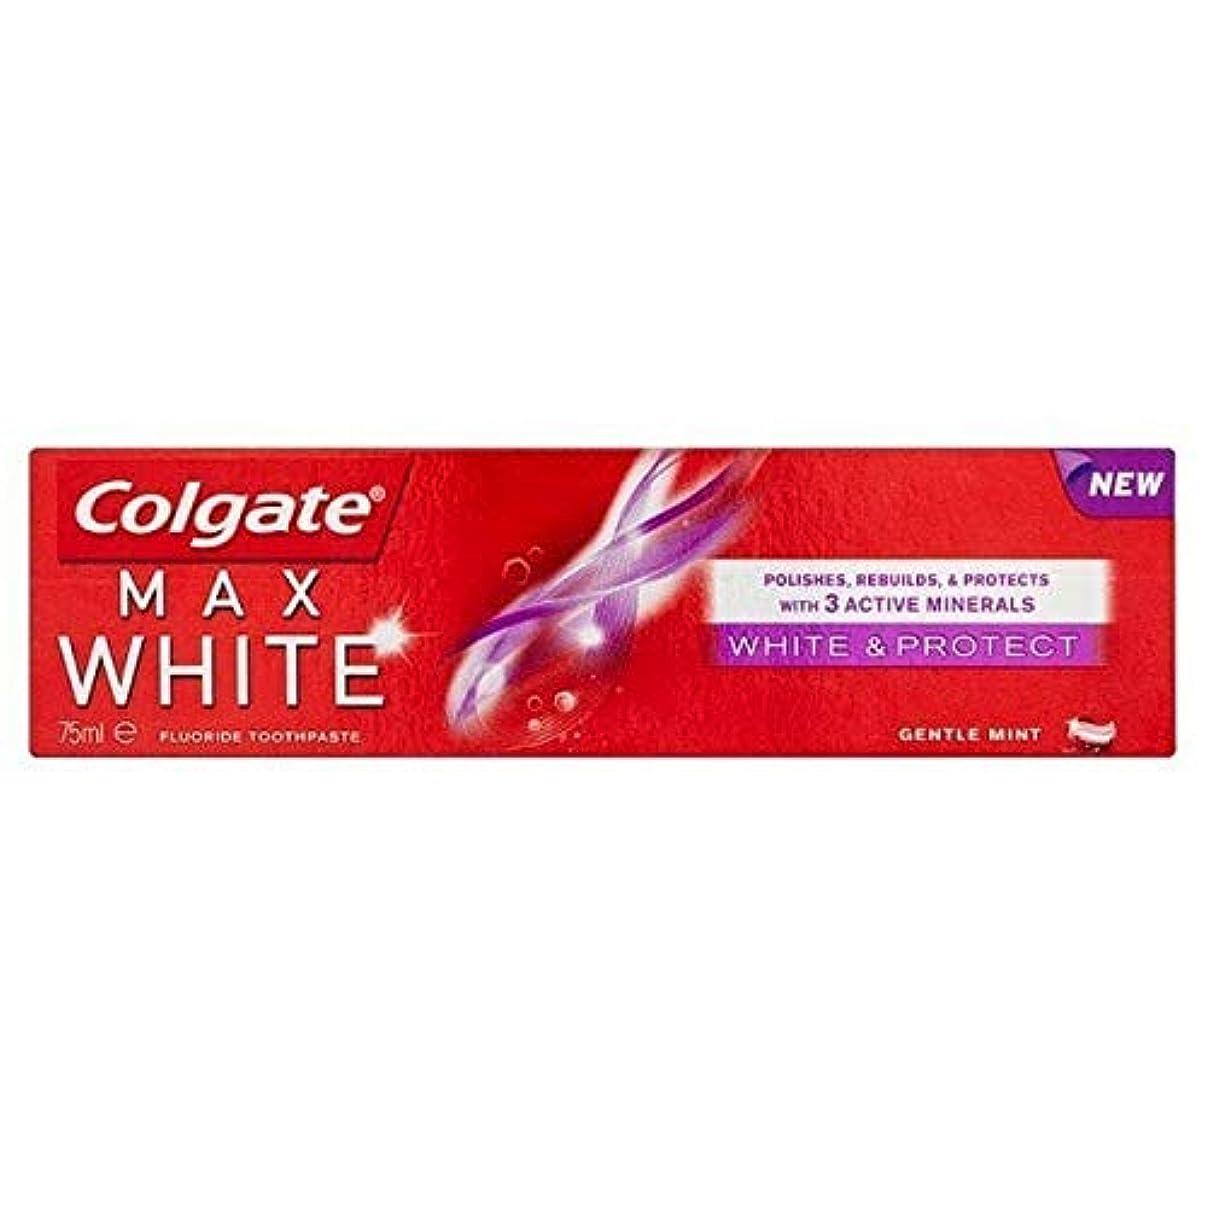 クランプ上記の頭と肩軽食[Colgate ] コルゲートマックスホワイトホワイトニング&歯磨き粉75ミリリットルを保護 - Colgate Max White Whitening & Protect Toothpaste 75ml [並行輸入品]